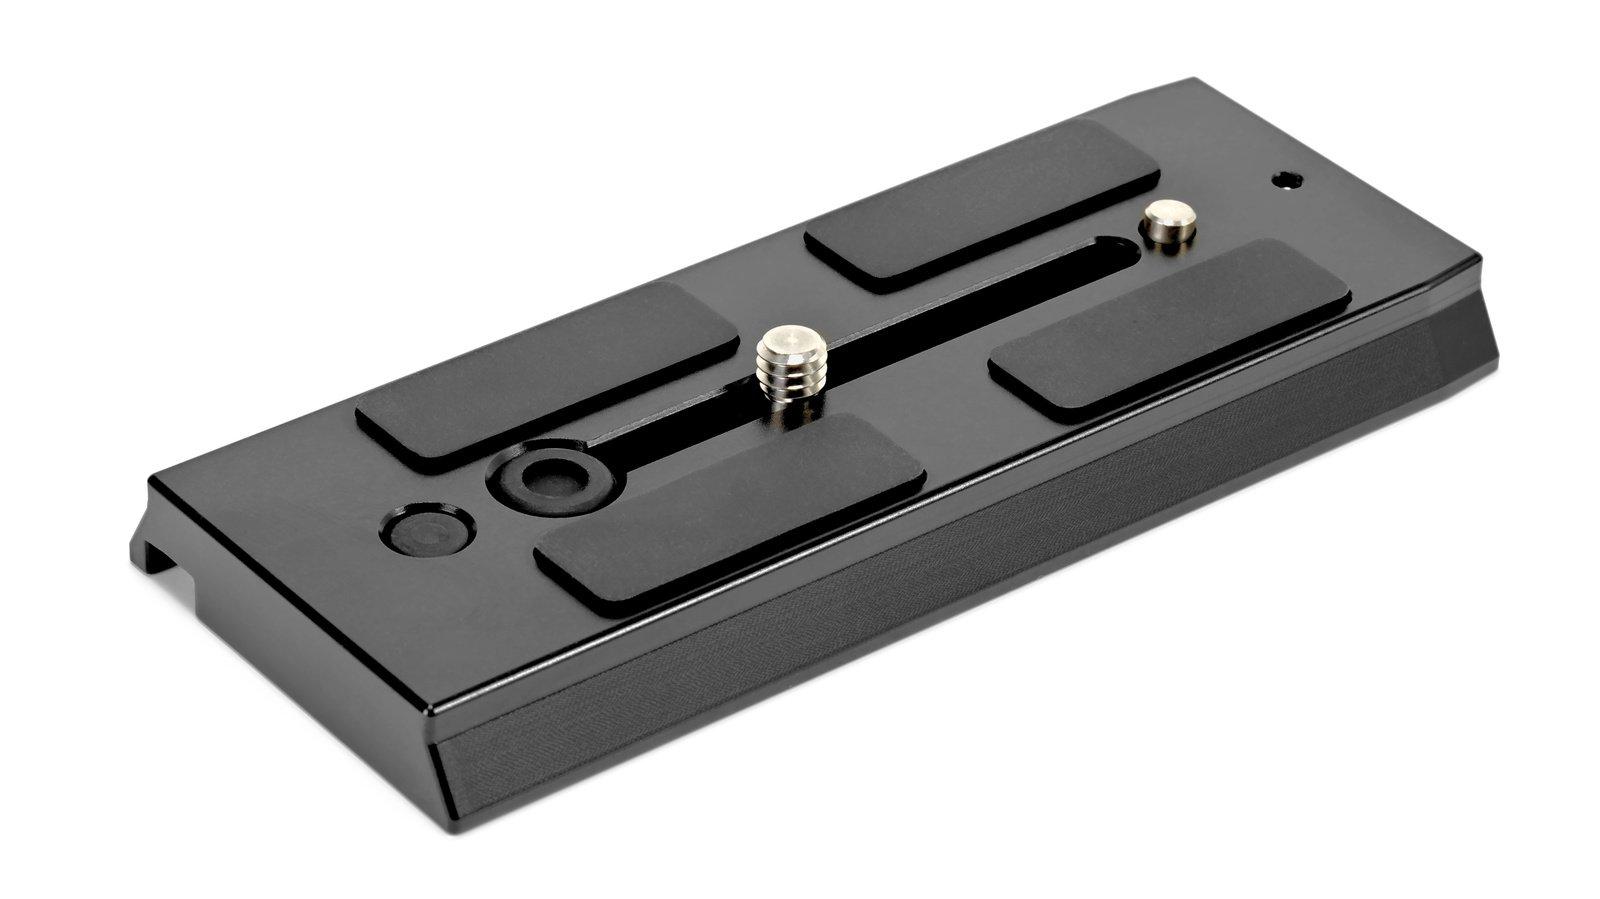 Lanparte BCP-501 Schnellwechselplatte für Manfrotto PL501 oder QRP-03.